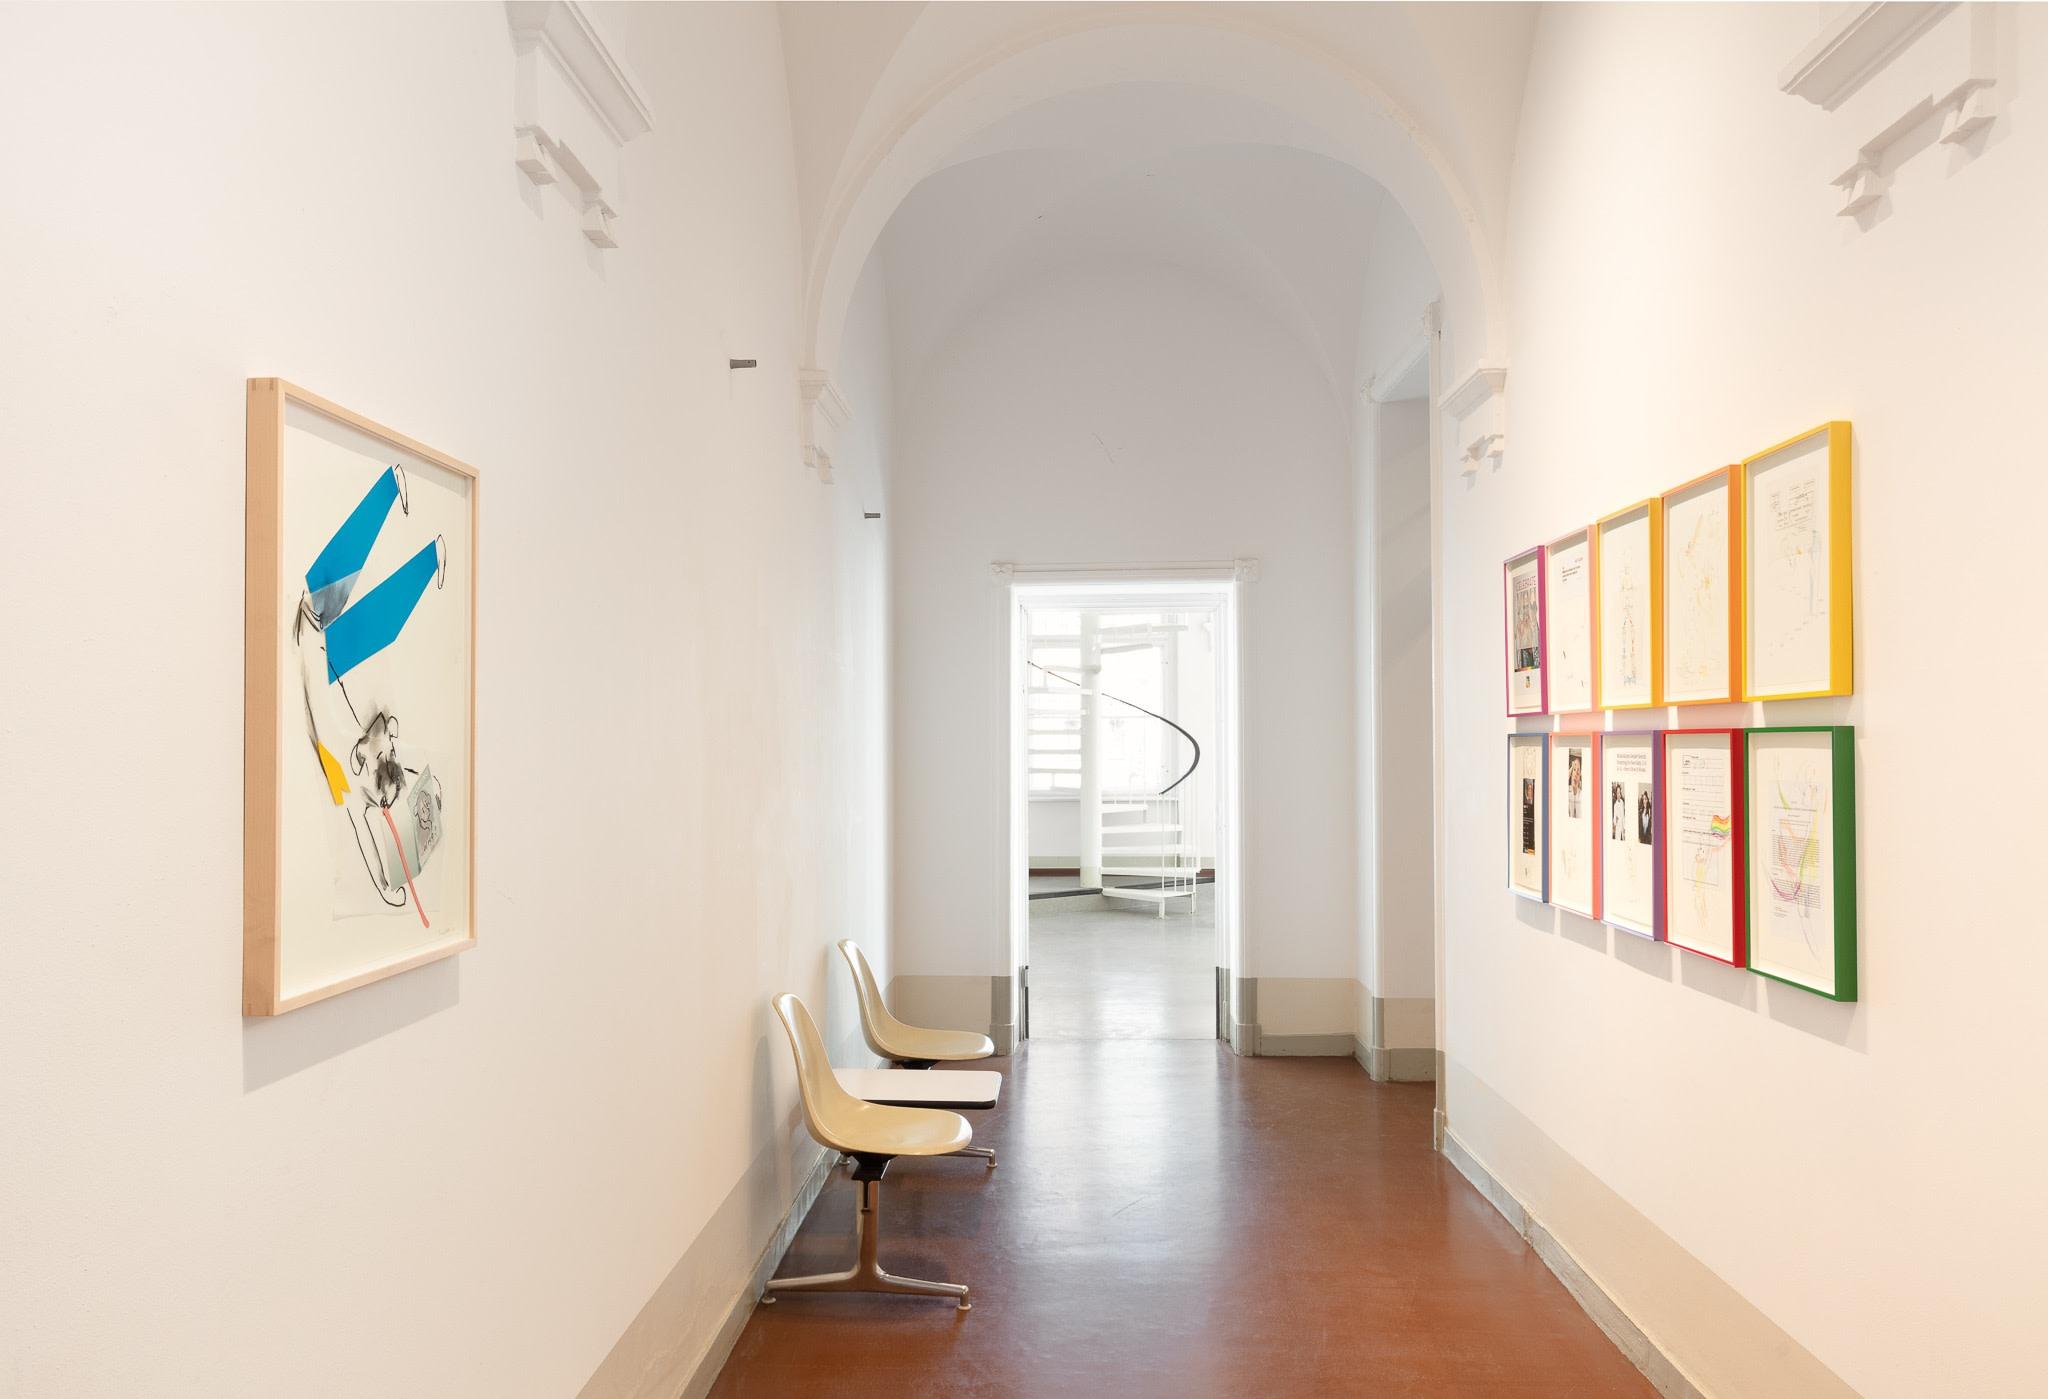 Exhibition view: AMTSALON, Berlin. Photo © Andrea Rossetti